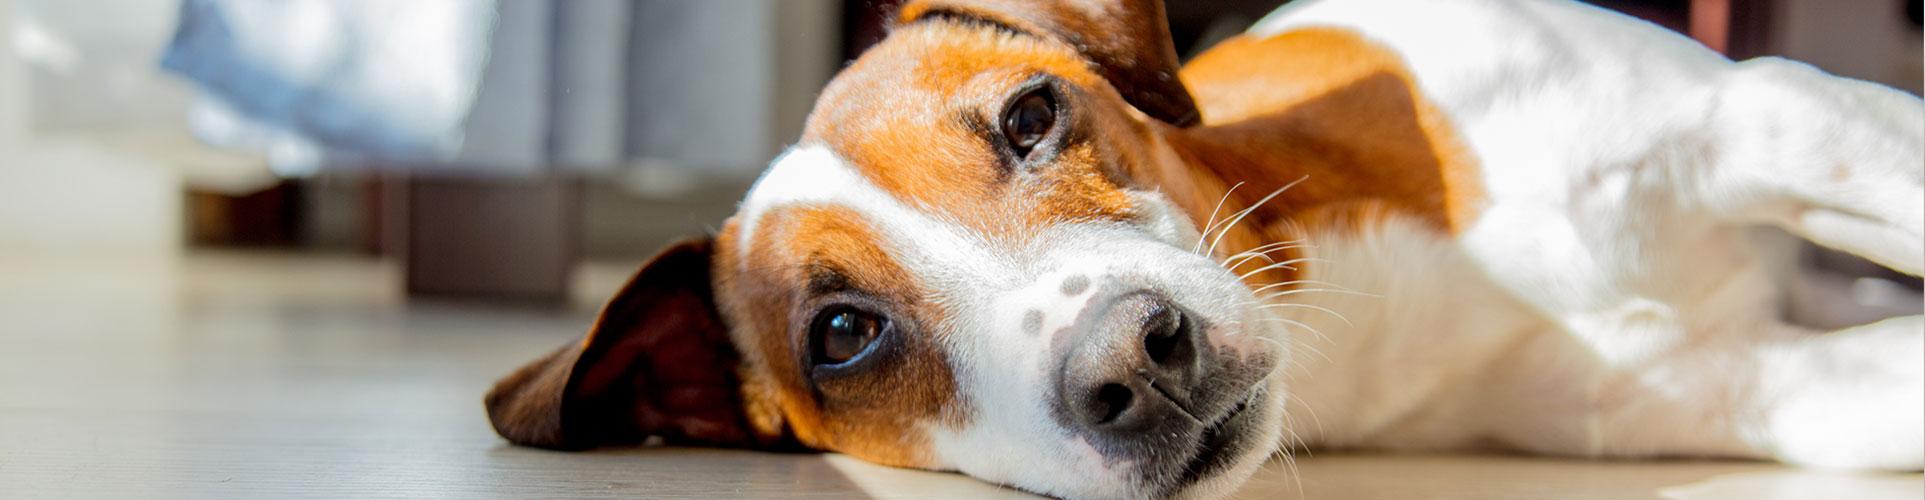 bown-white-dog-laying-down